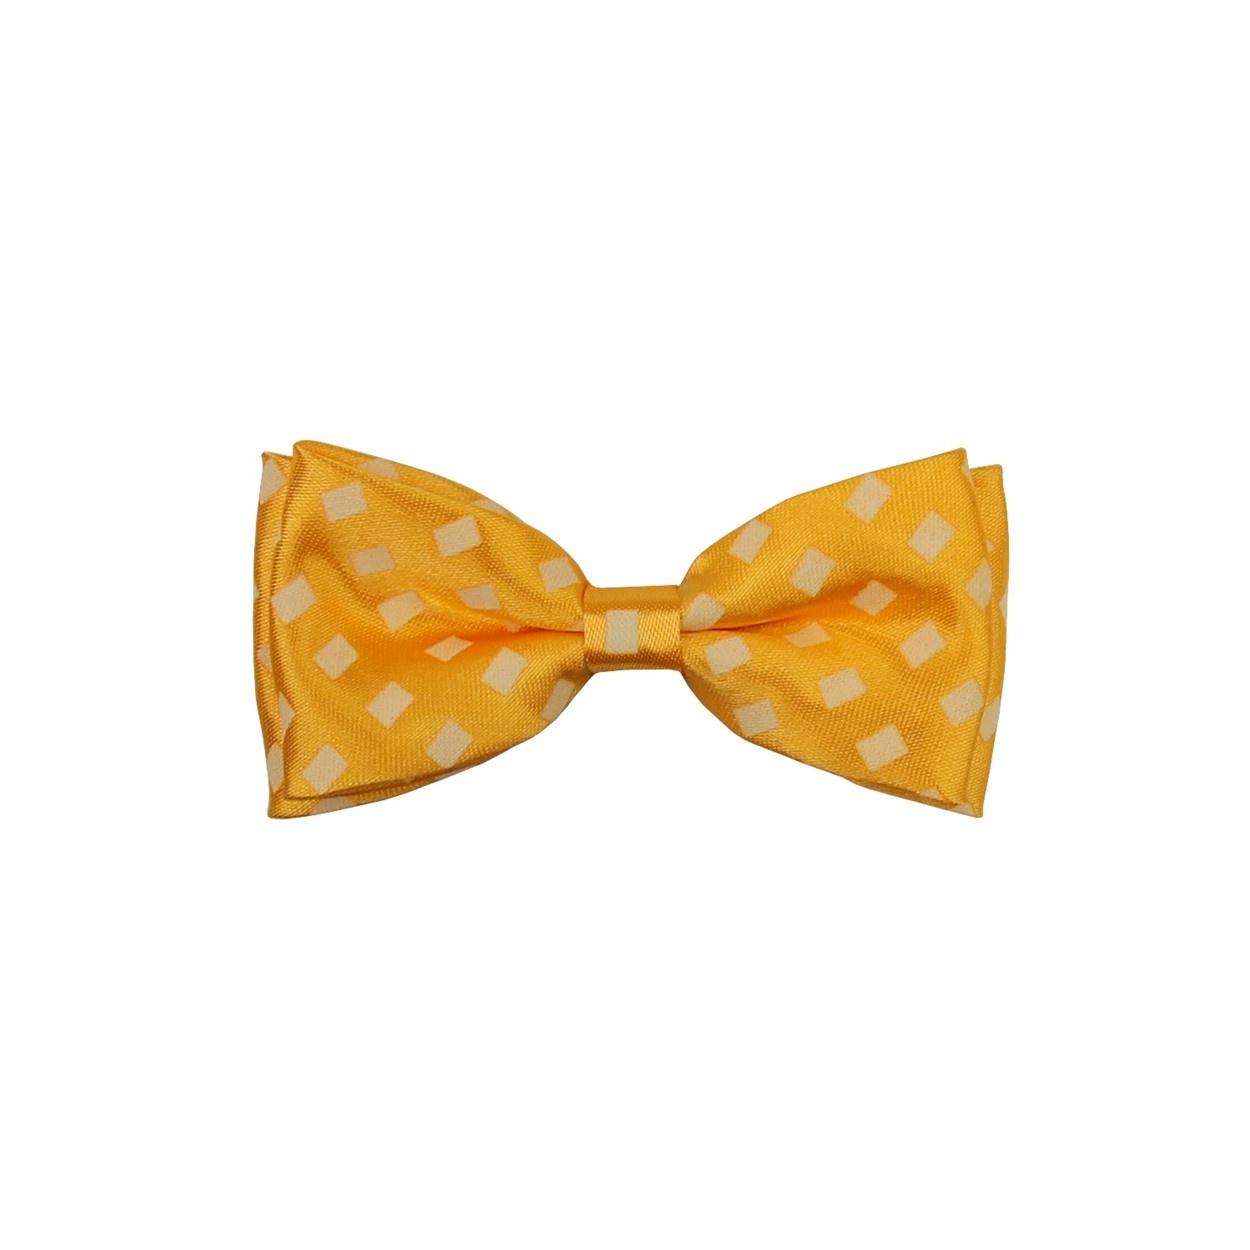 Žlutý dětský motýlek se čtverečky lesklý